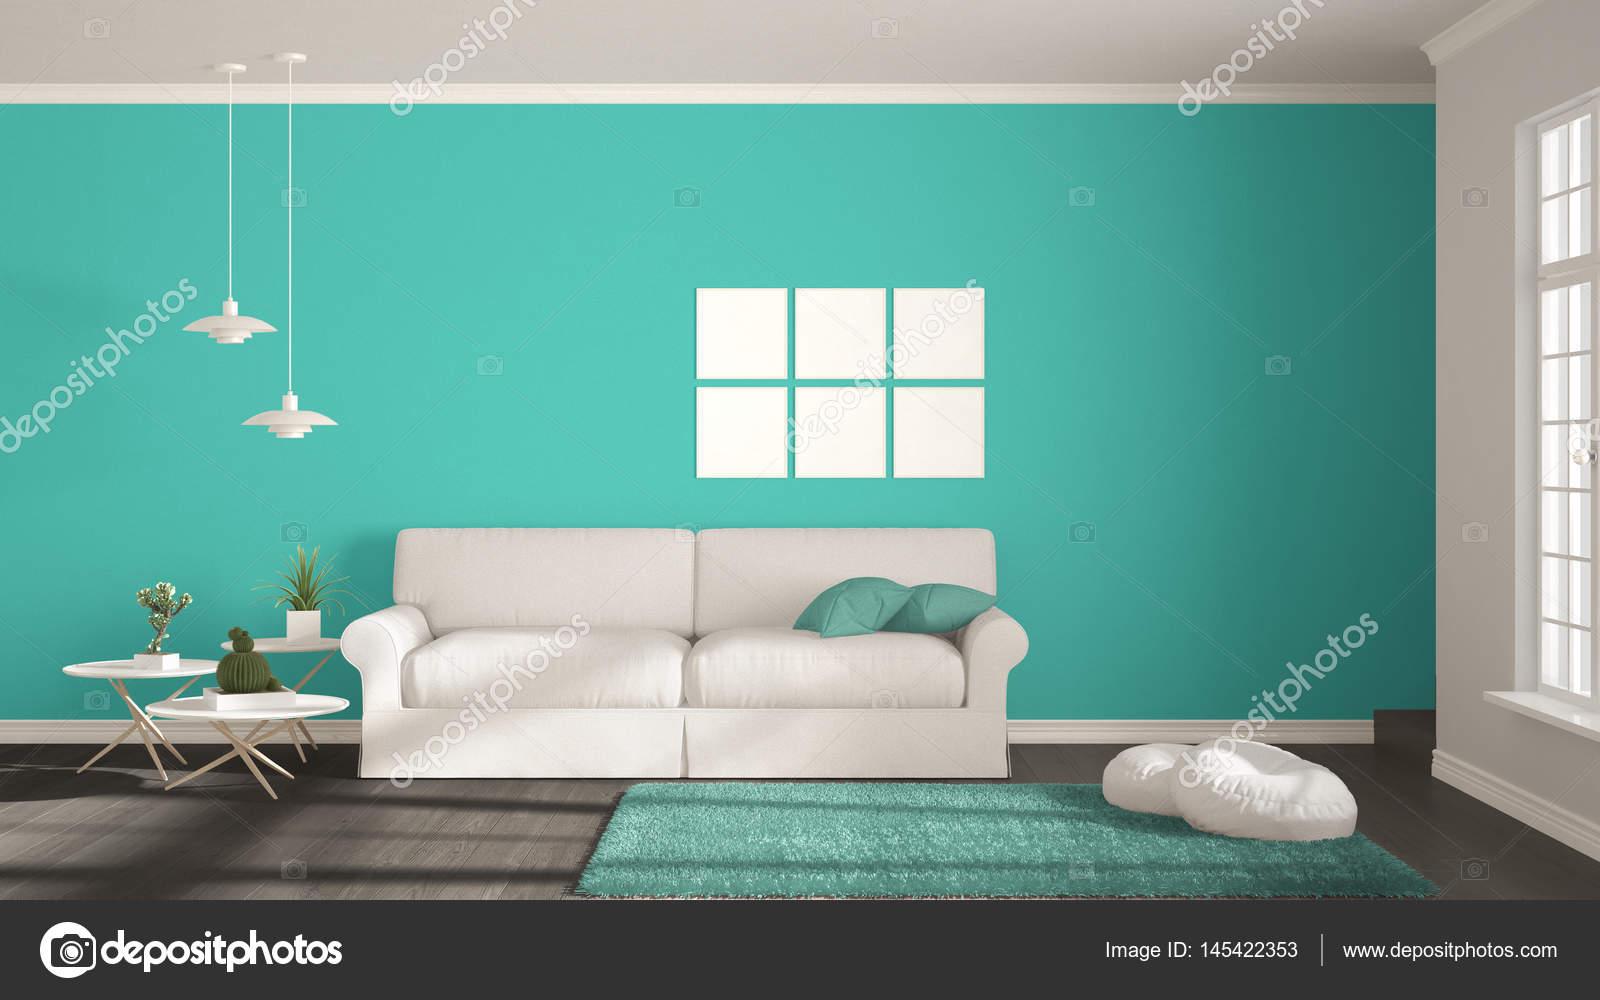 Minimalistische Zimmer Einfach Weiß Grau Und Türkis Mit Bi